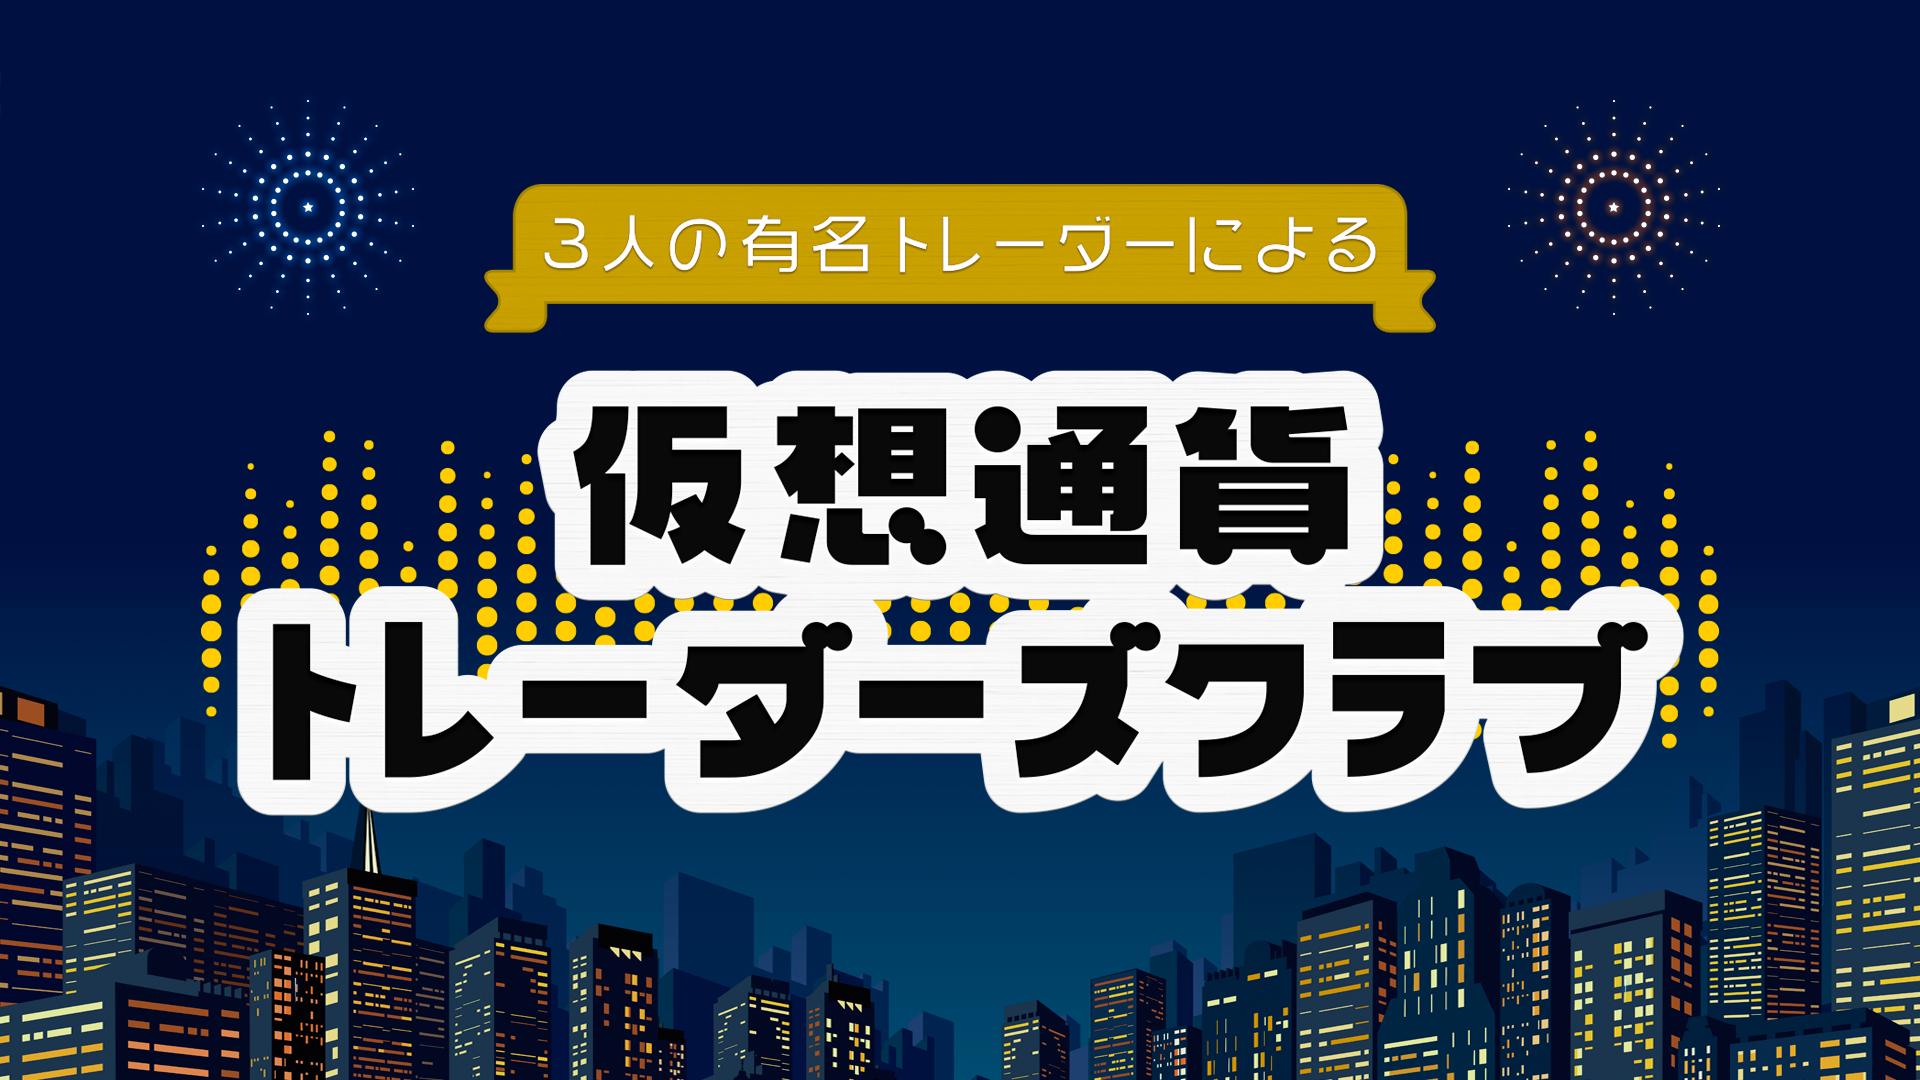 仮想通貨トレーダーズクラブ COINRUN【再入会用】